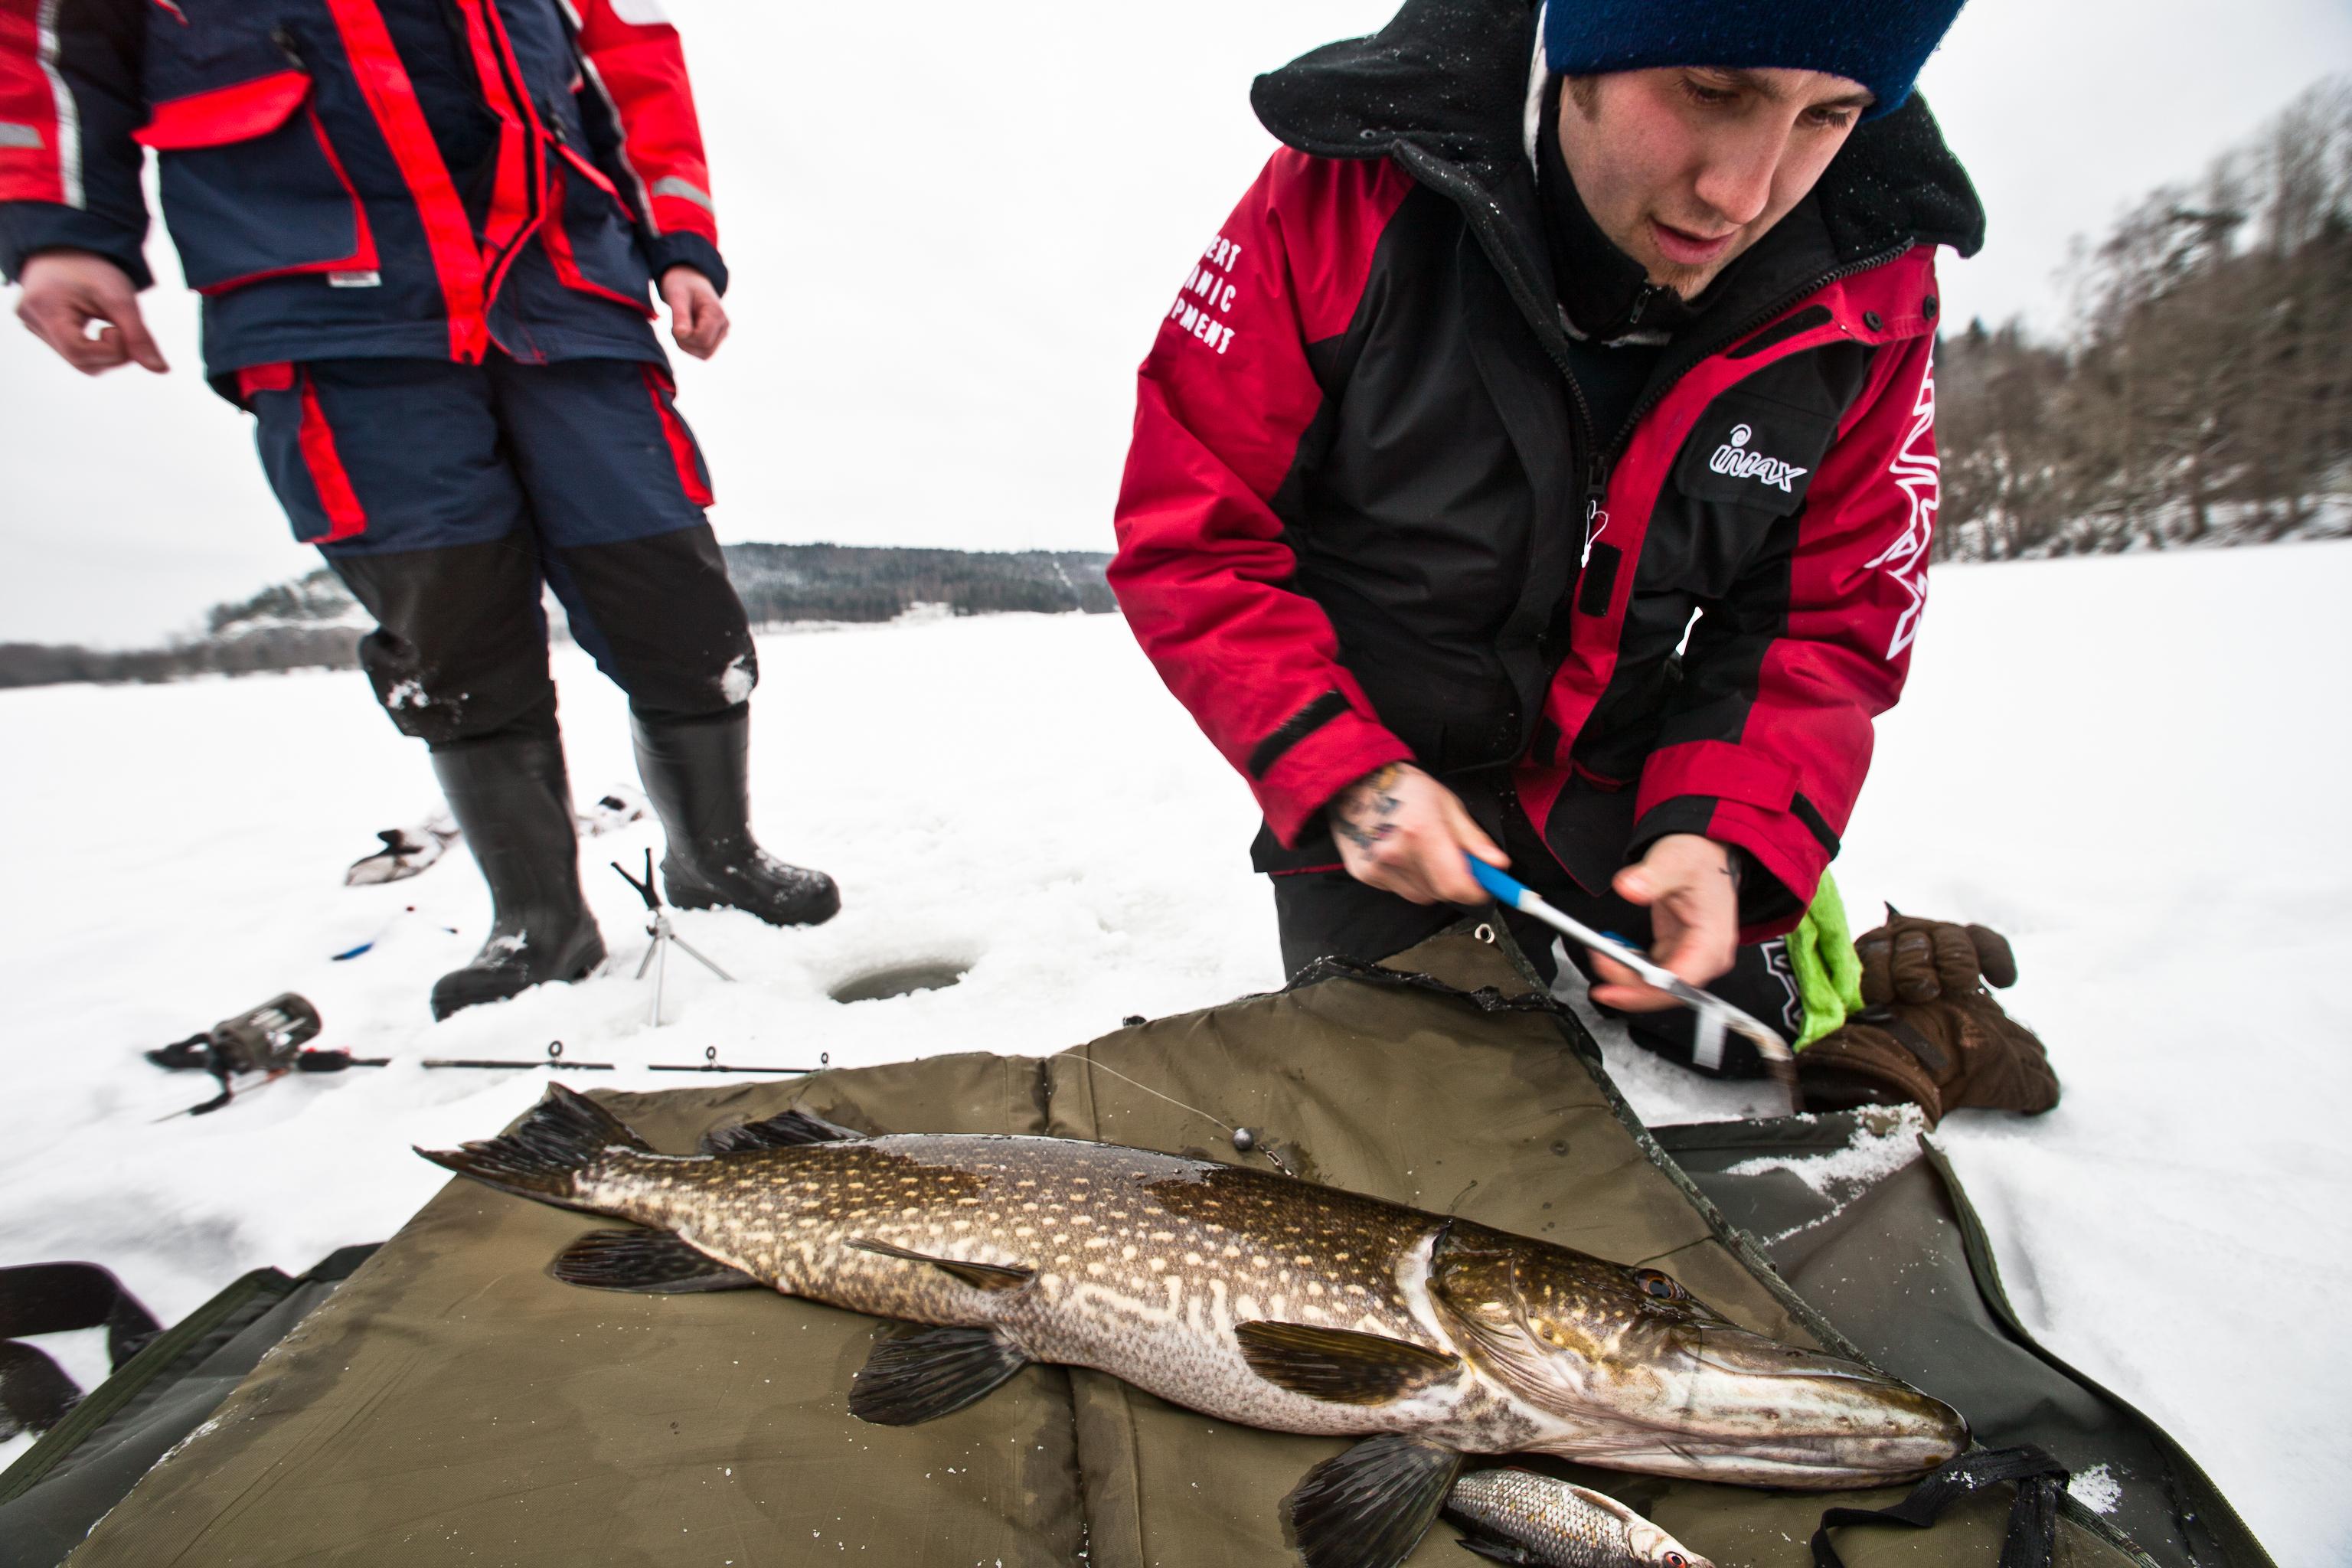 Hecht aus der schwedischen Provinz Dalsland. Gefangen auf einen Köderfisch beim Eisangeln.